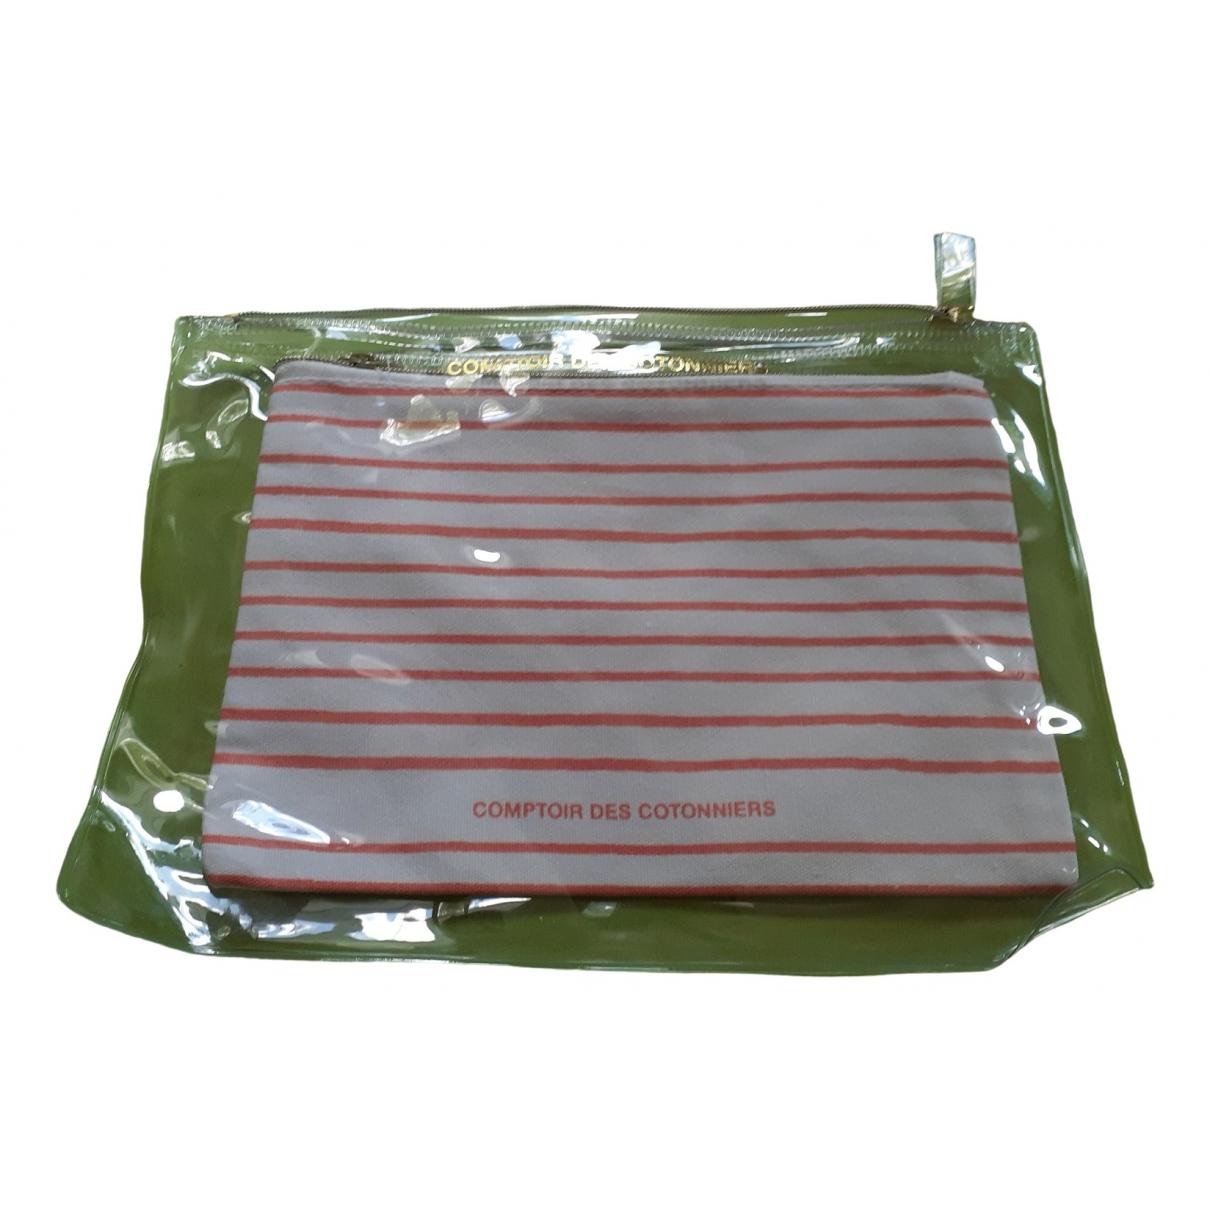 Bolsos clutch en Plastico Multicolor Comptoir Des Cotonniers